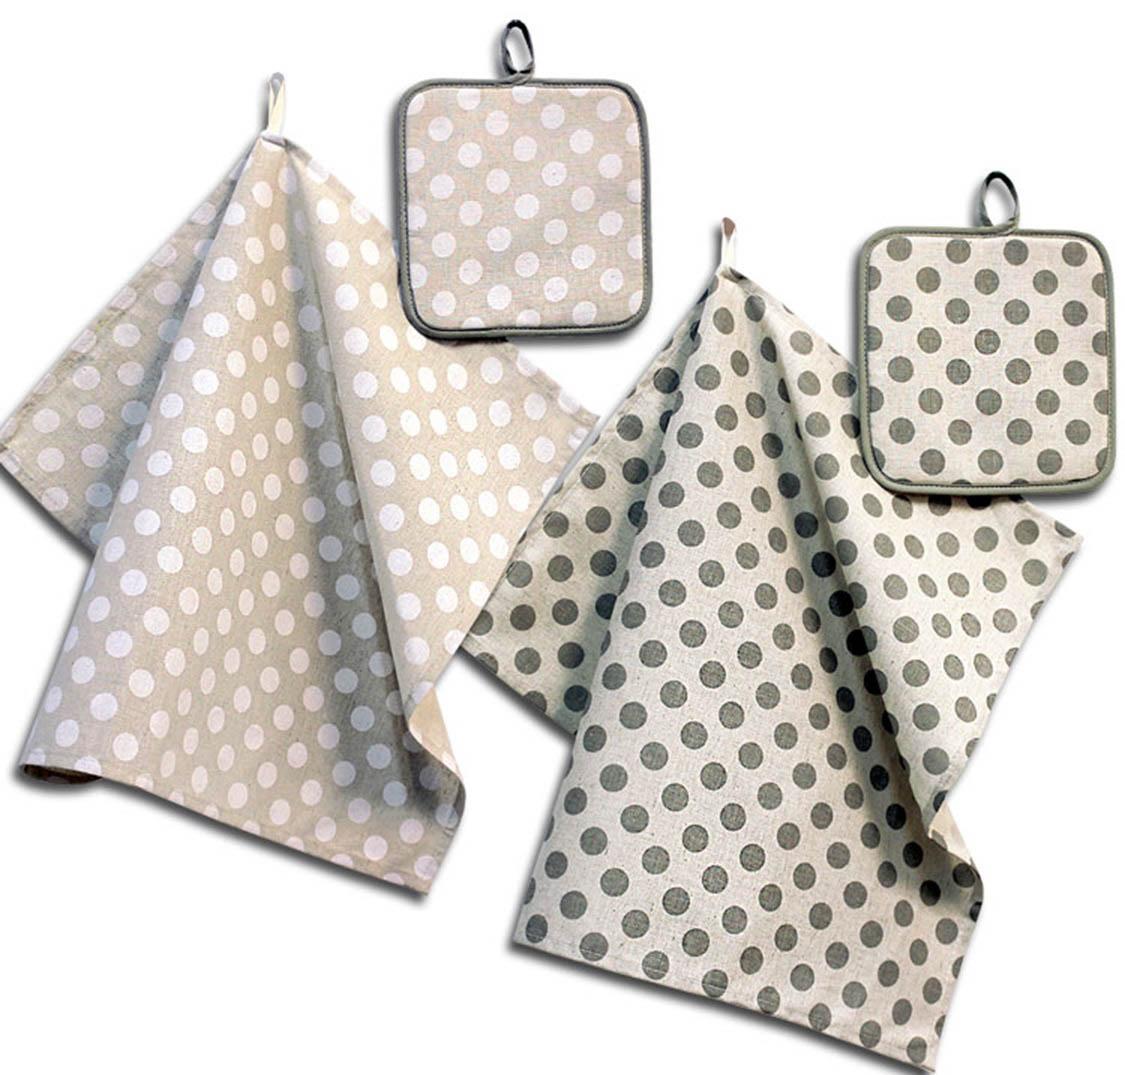 Кухонный набор Гранд-Стиль Гранд-Стиль Кухонное полотенце Горошек Цвет: Белый gst190801